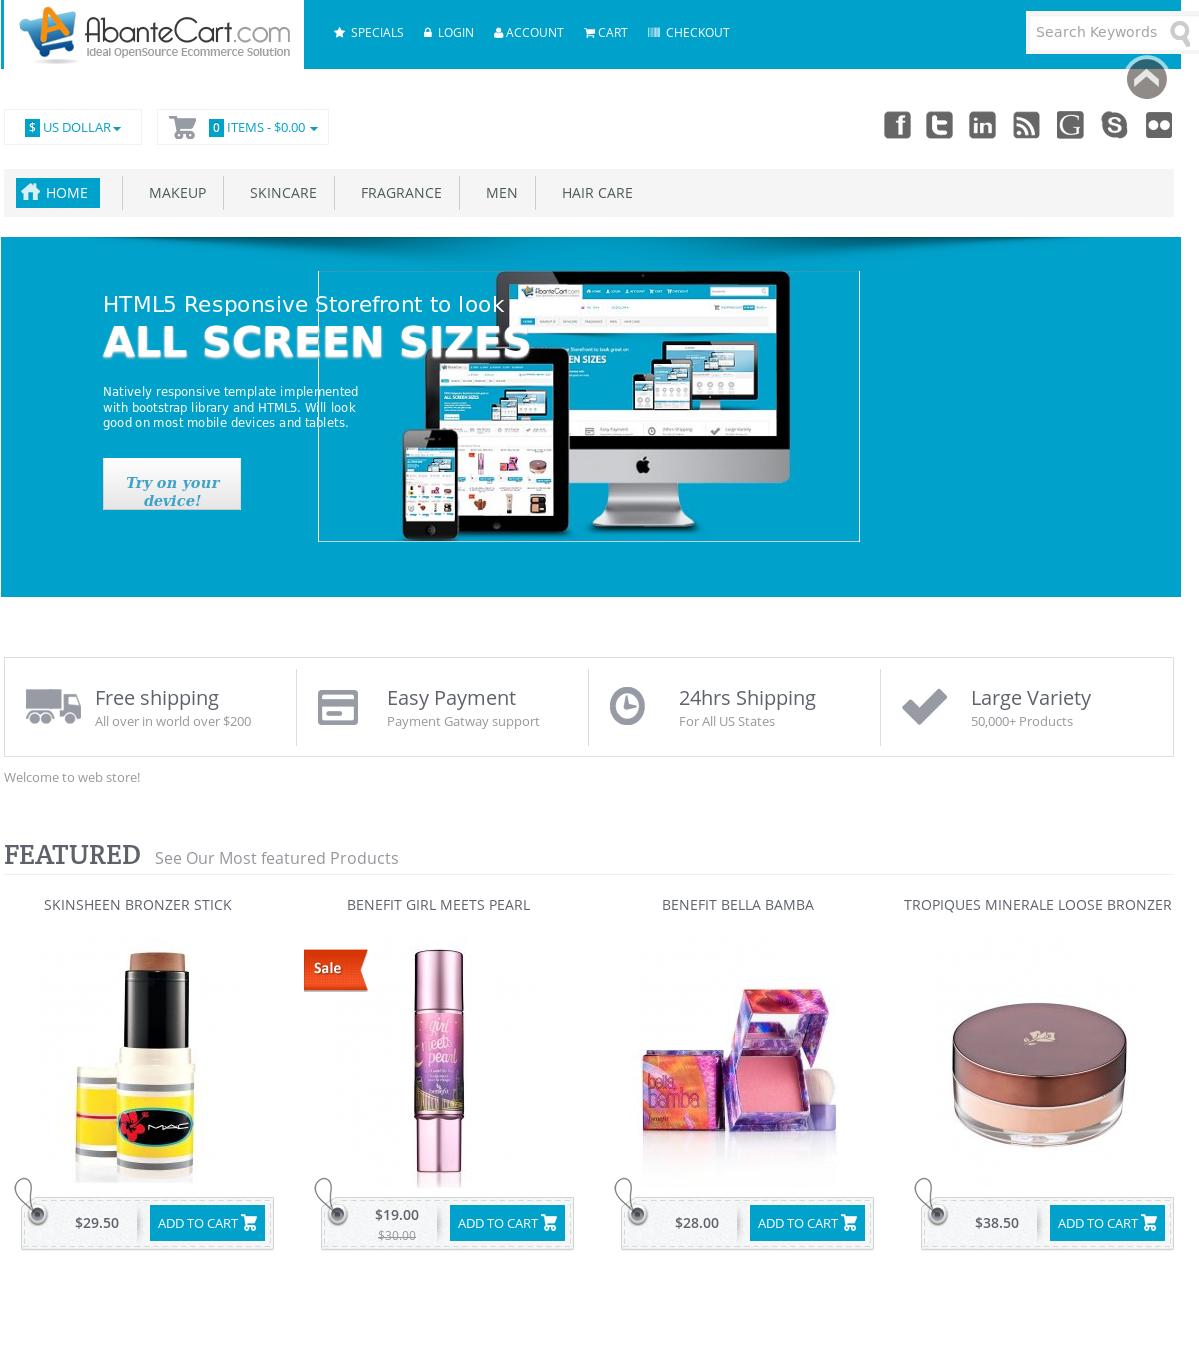 AbanteCart home page